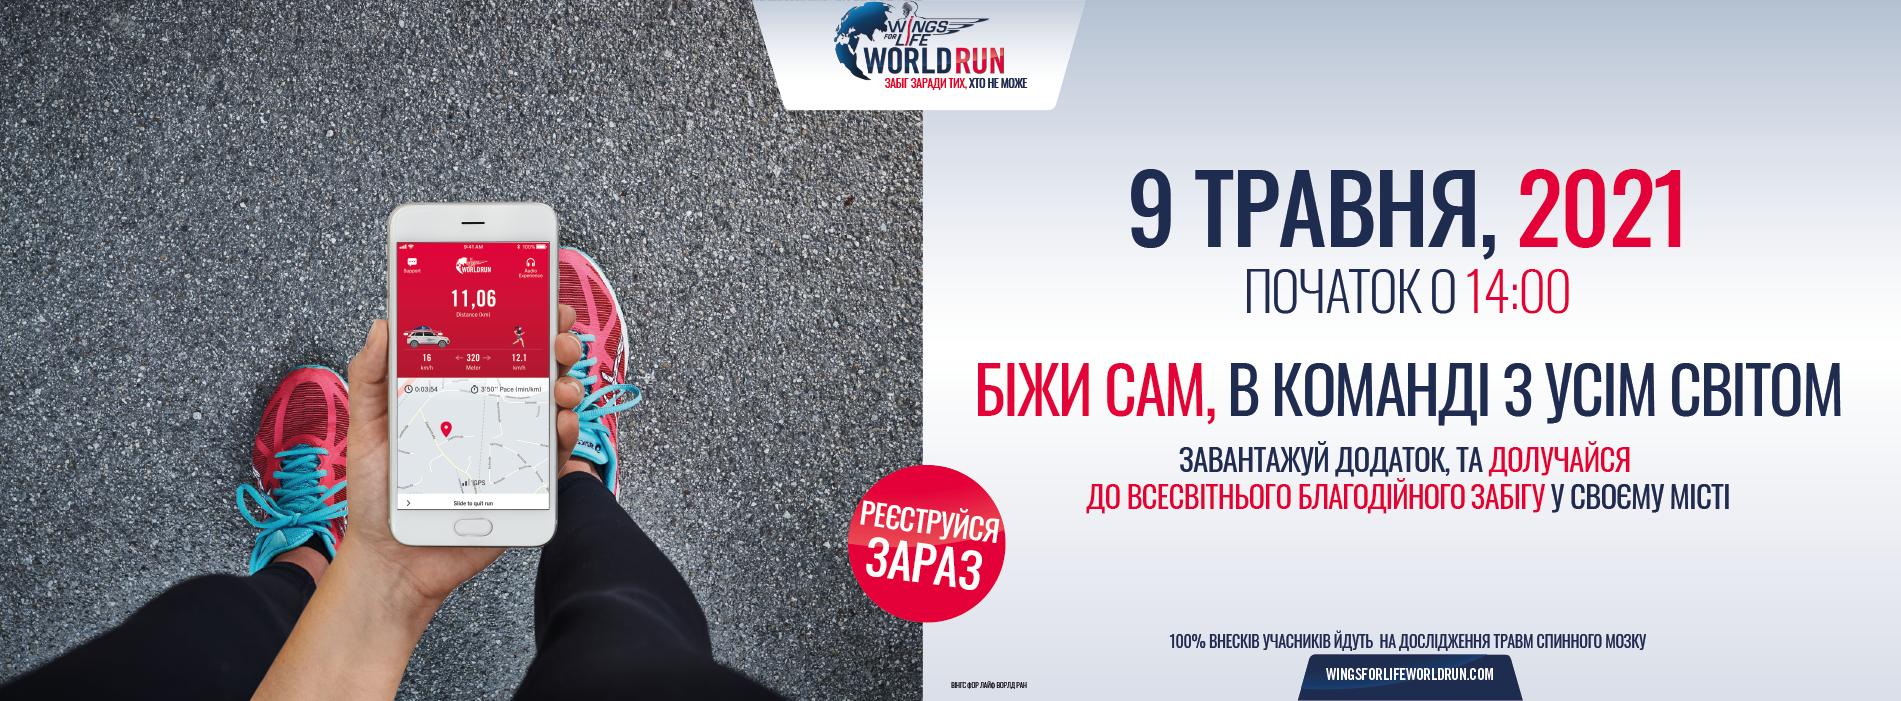 VIII всесвітній благодійний забіг Wings for Life World Run